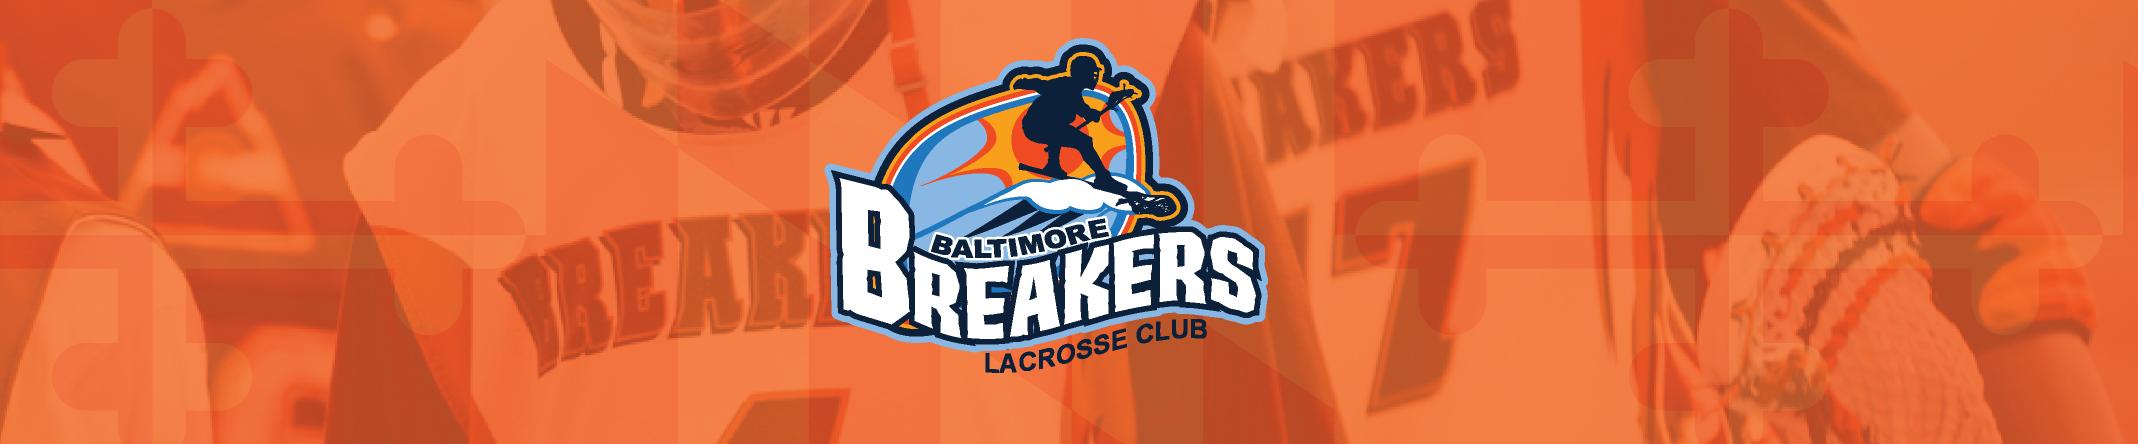 Breakers Lacrosse Club